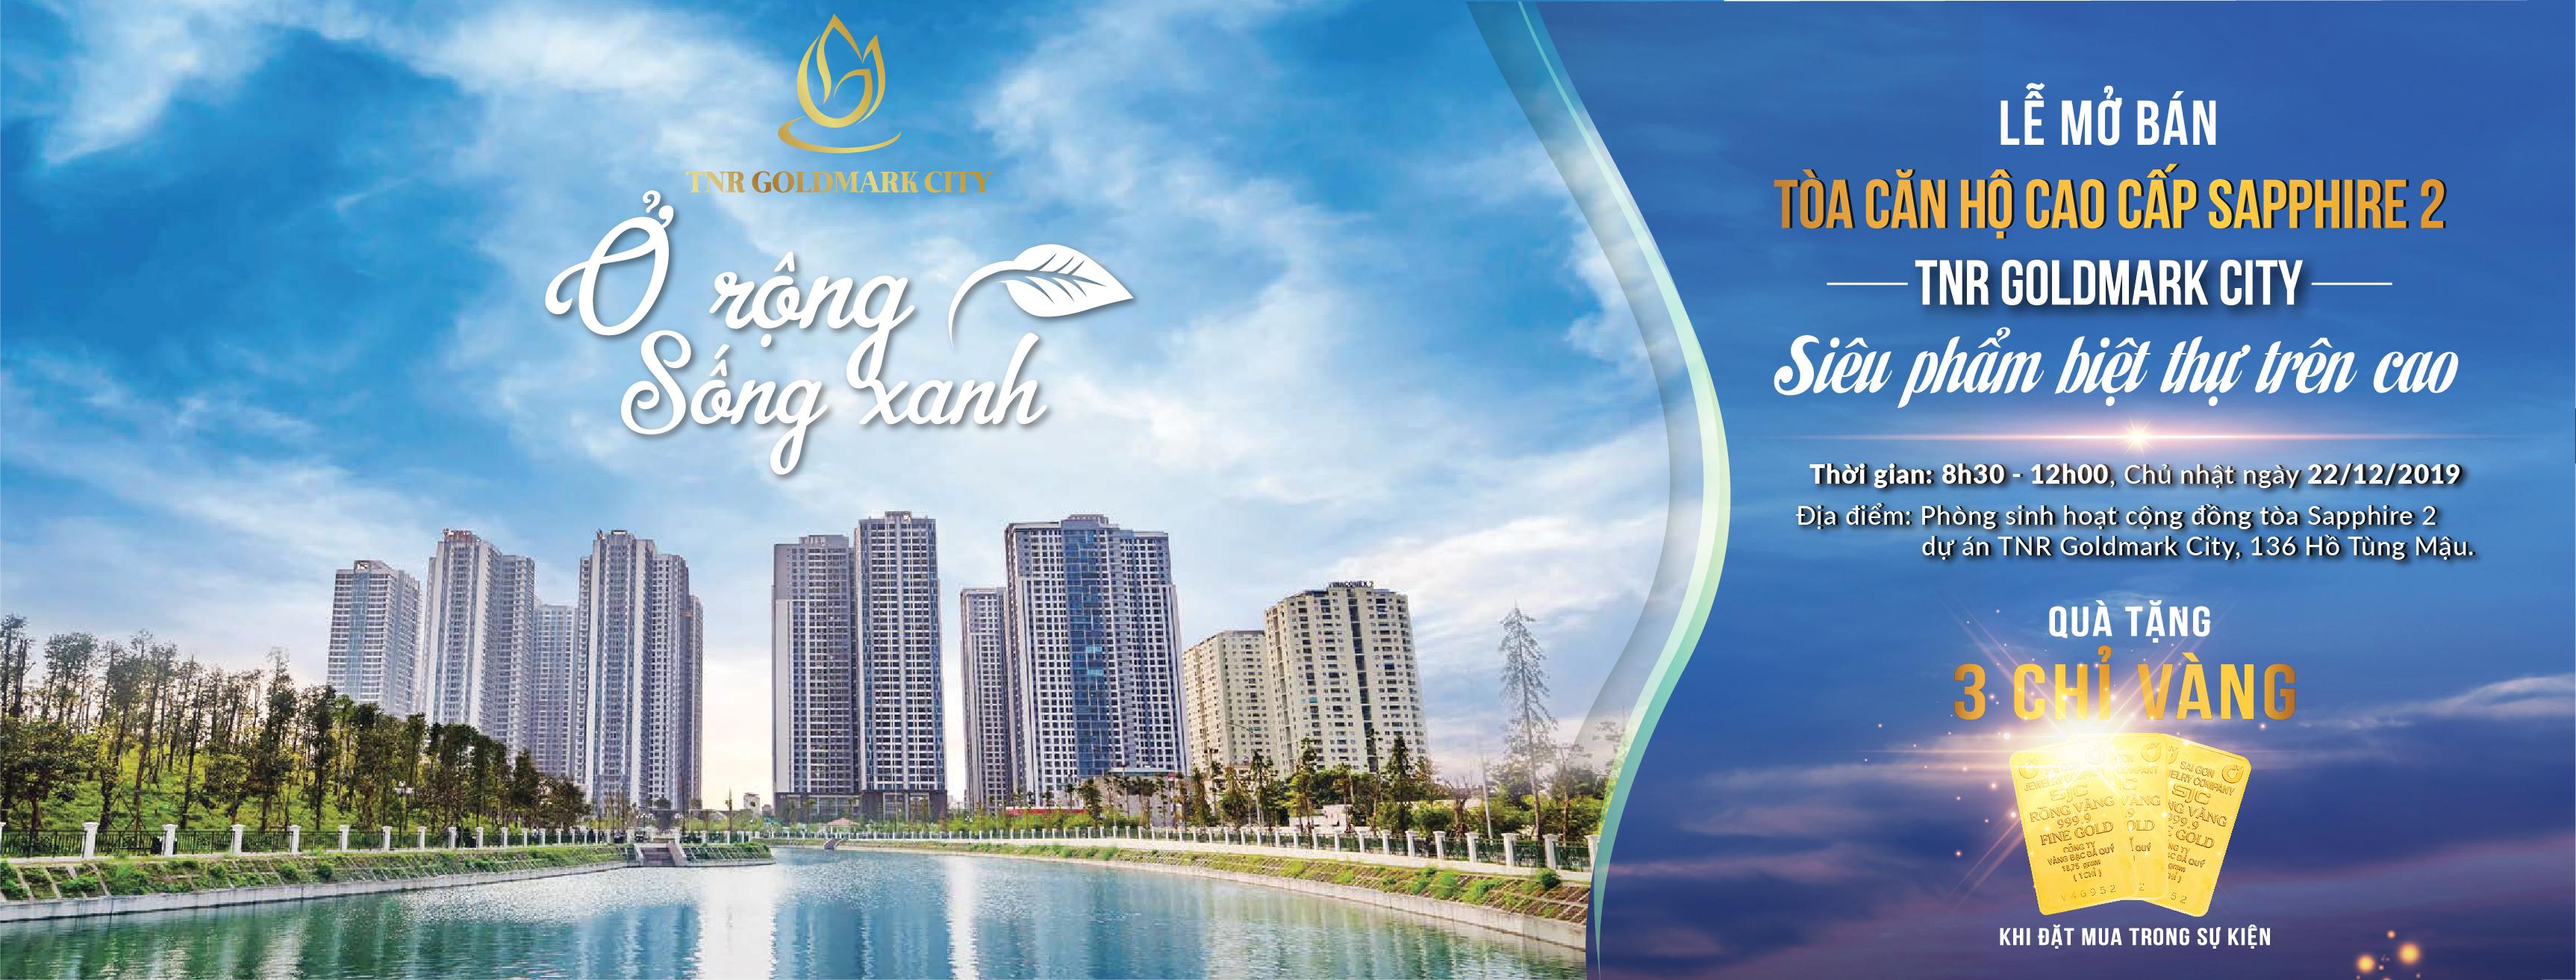 Lễ mở bán tòa căn hộ Saphirre 2-TNR Goldmark City: Tặng 03 chỉ vàng cho khách hàng đặt cọc mua căn hộ